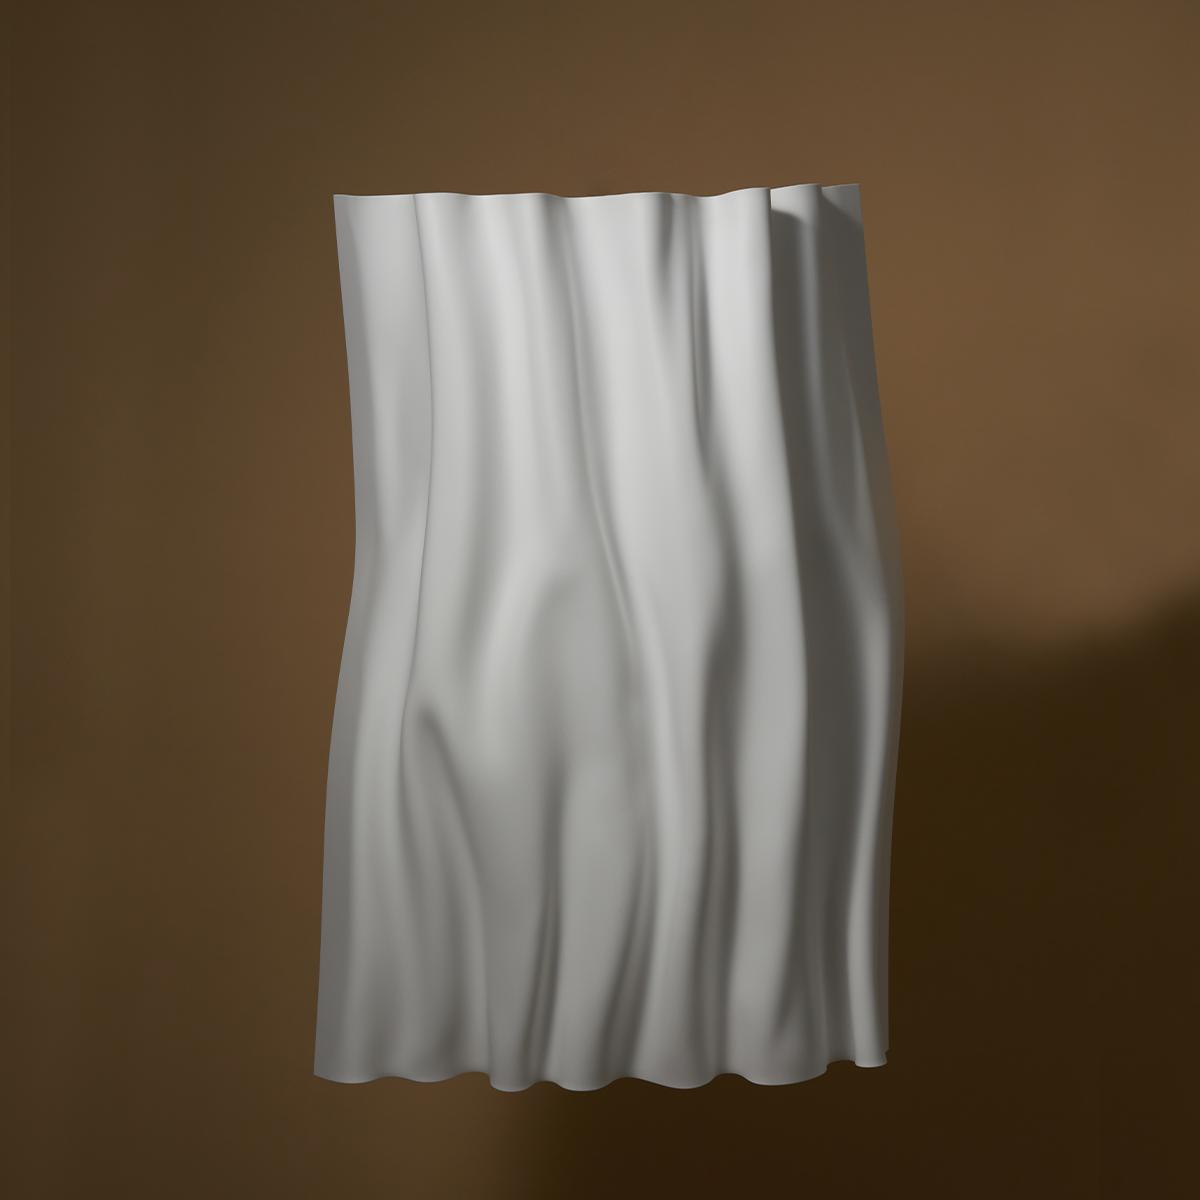 플랫폼엘 Shall We Dance blank wind - object (white)